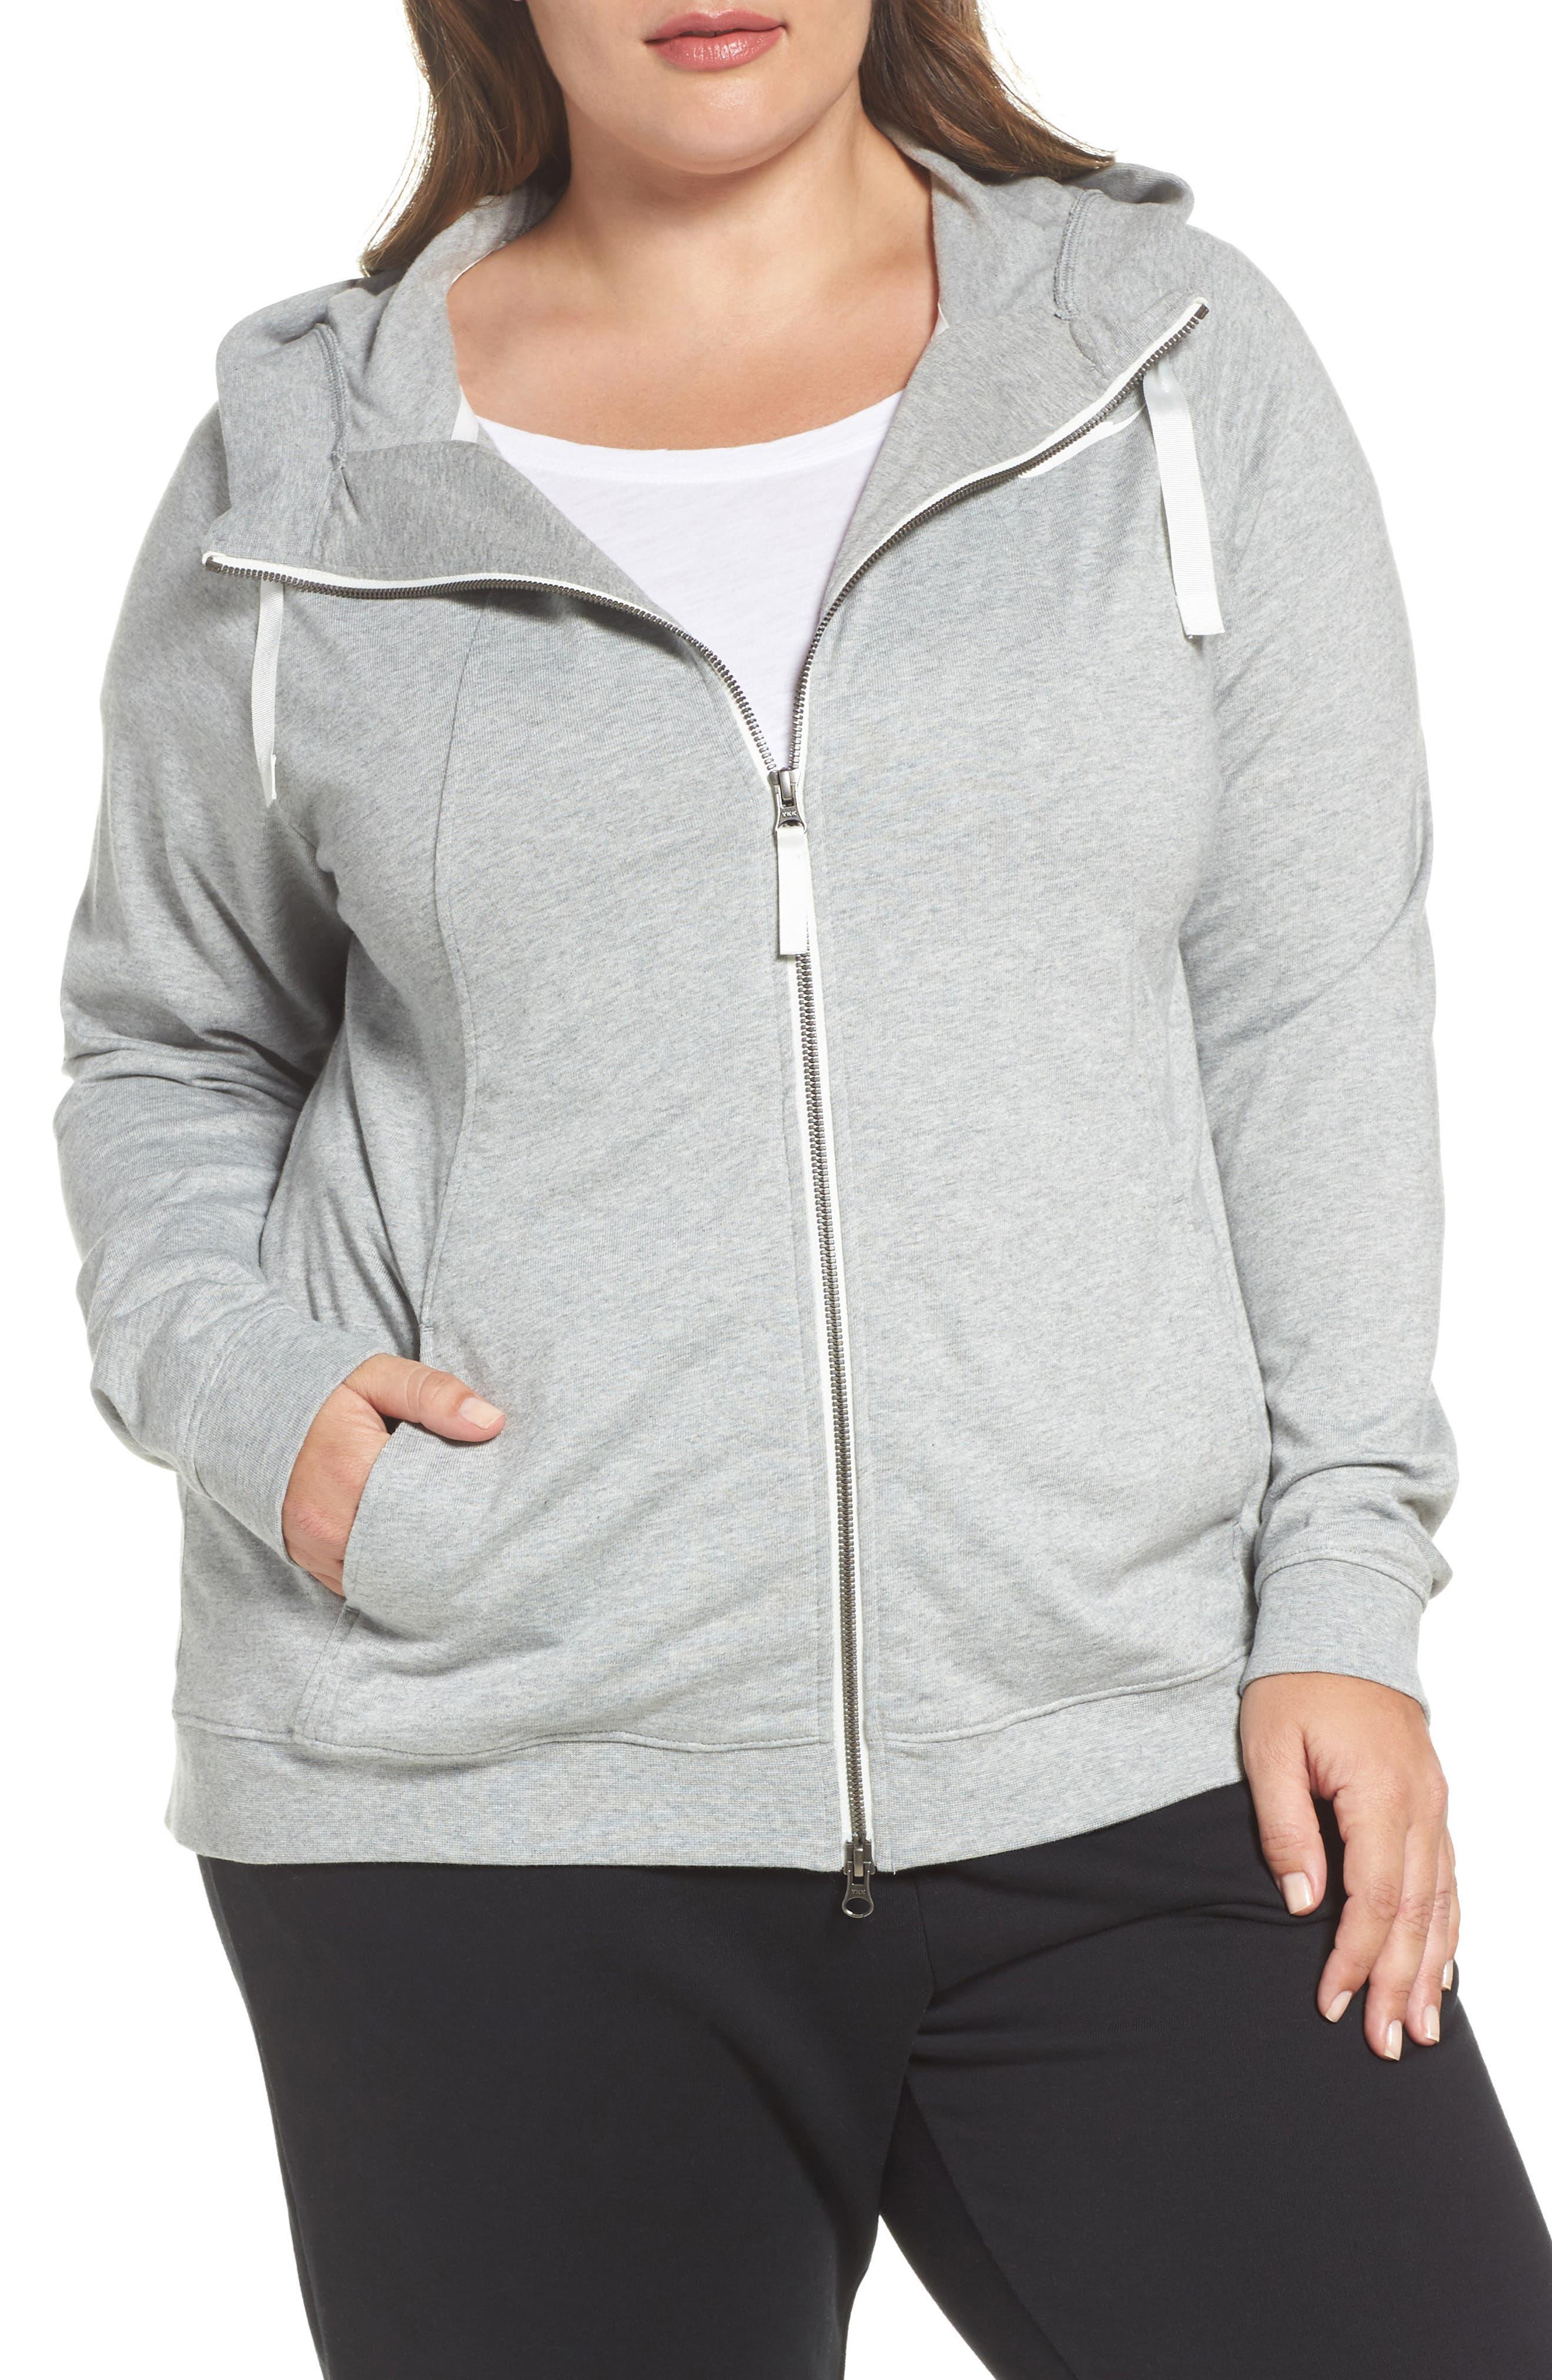 Nike Sportswear Gym Classic Hoodie (Plus Size)